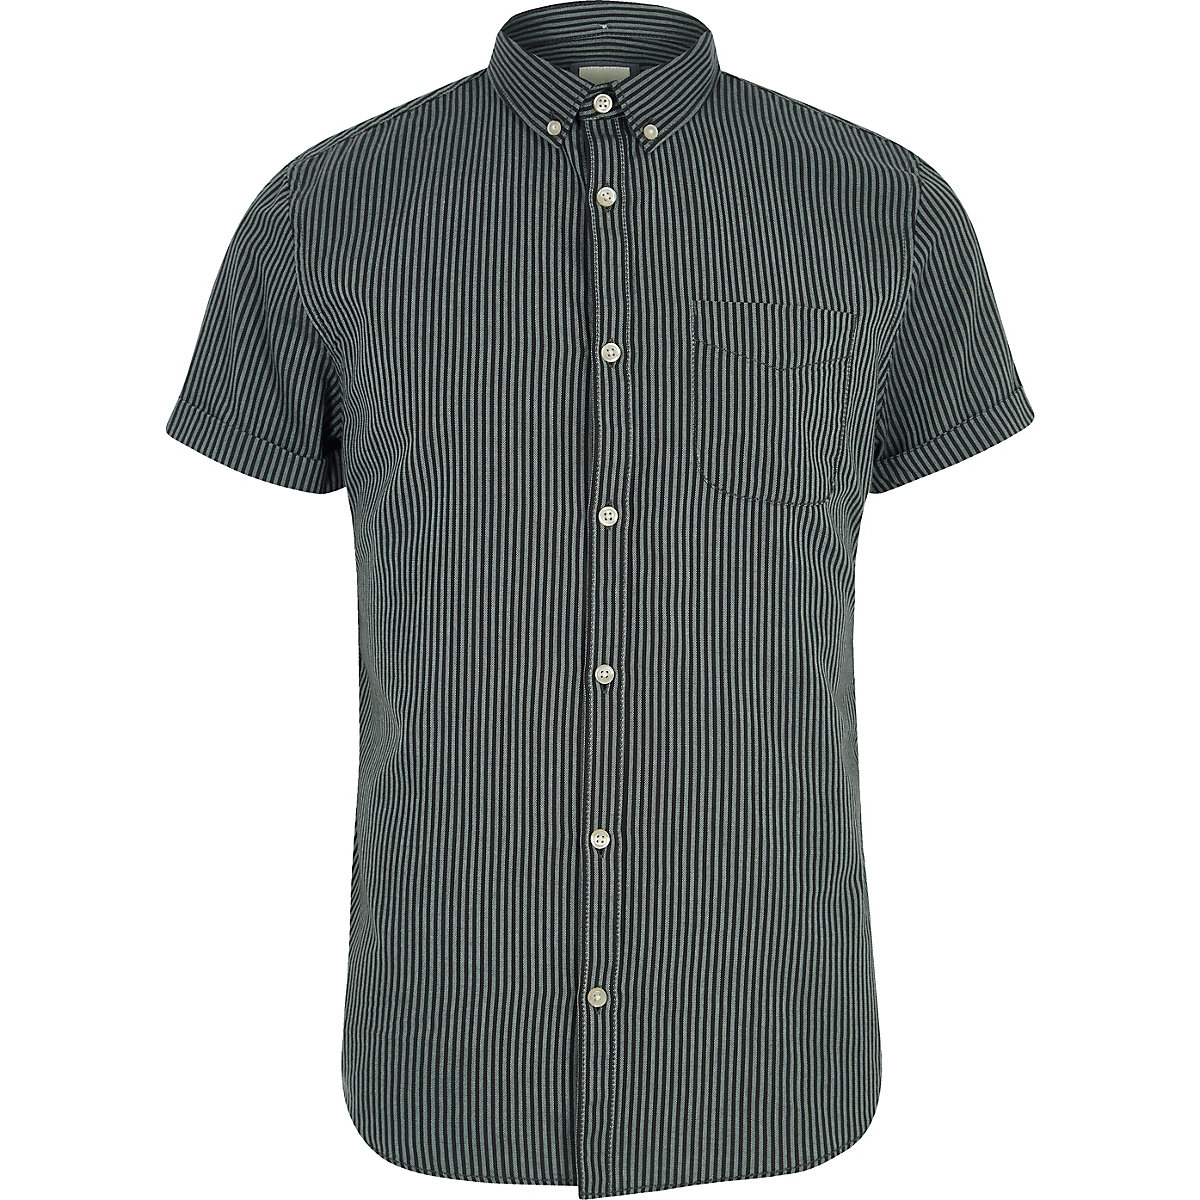 Kurzärmliges Slim Fit Hemd mit Streifen